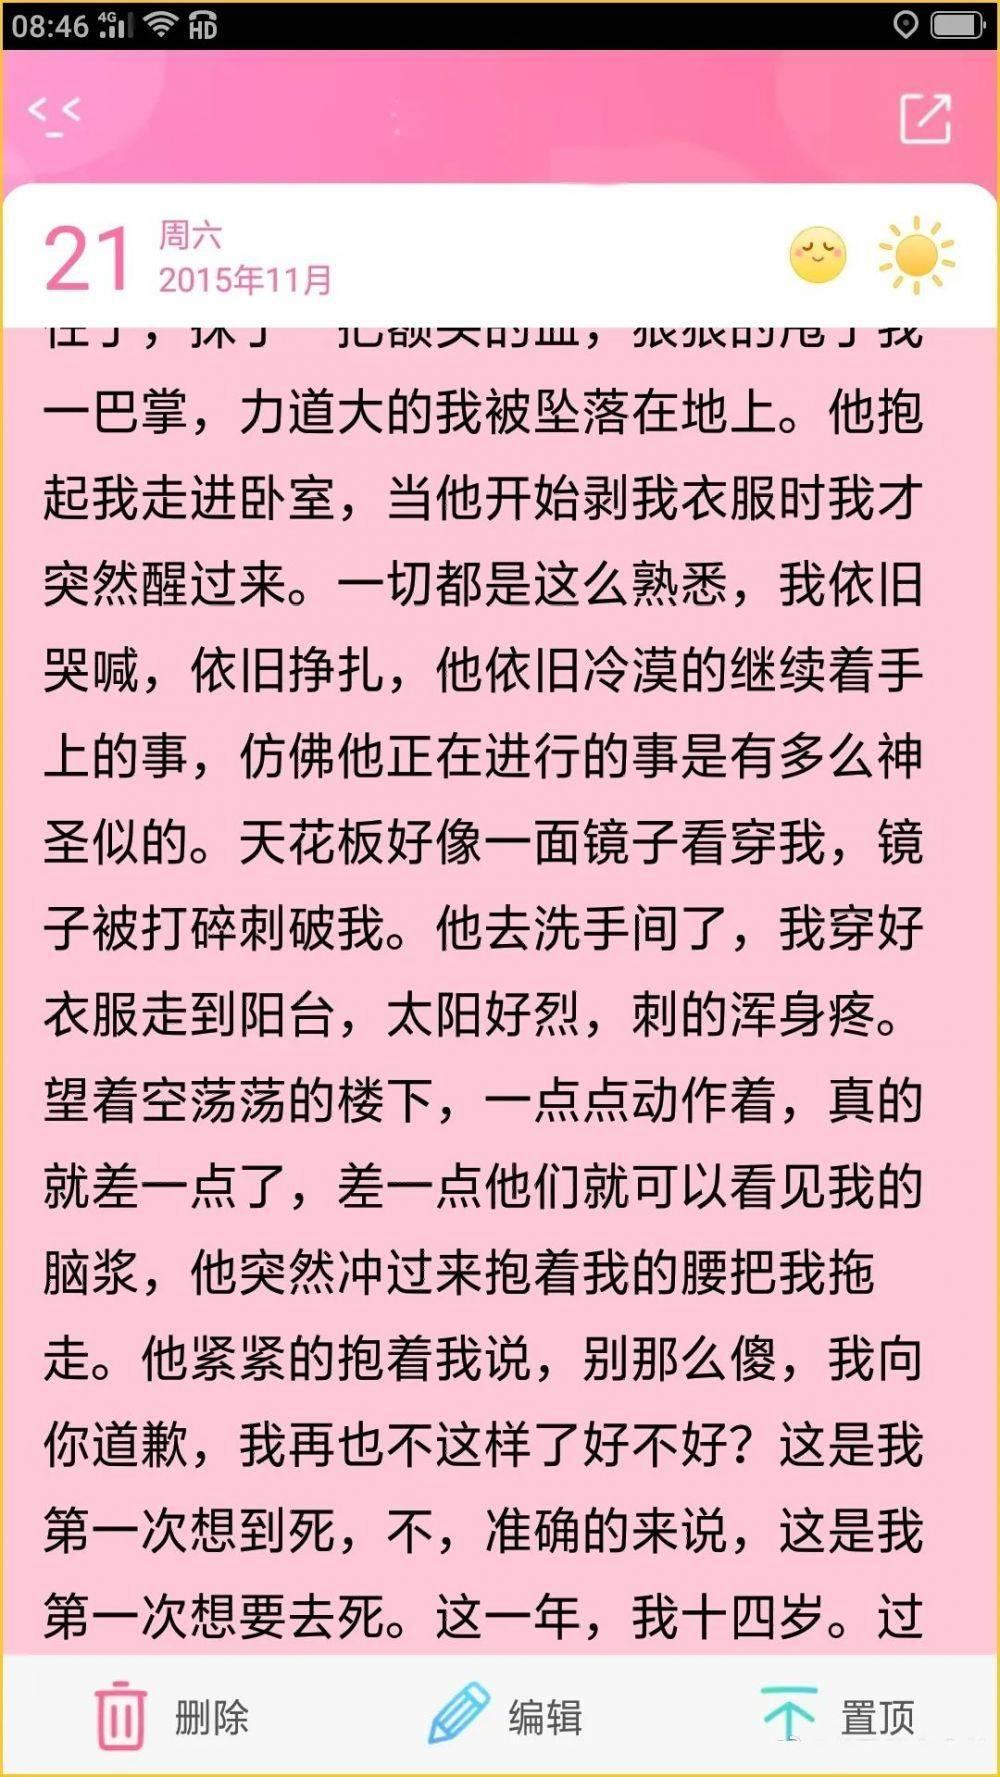 消灭鲍毓明,我们还有这一个办法-第4张图片-周小辉<a href='http://www.zhouxiaohui.cn/duanshipin/'>短视频</a>培训博客